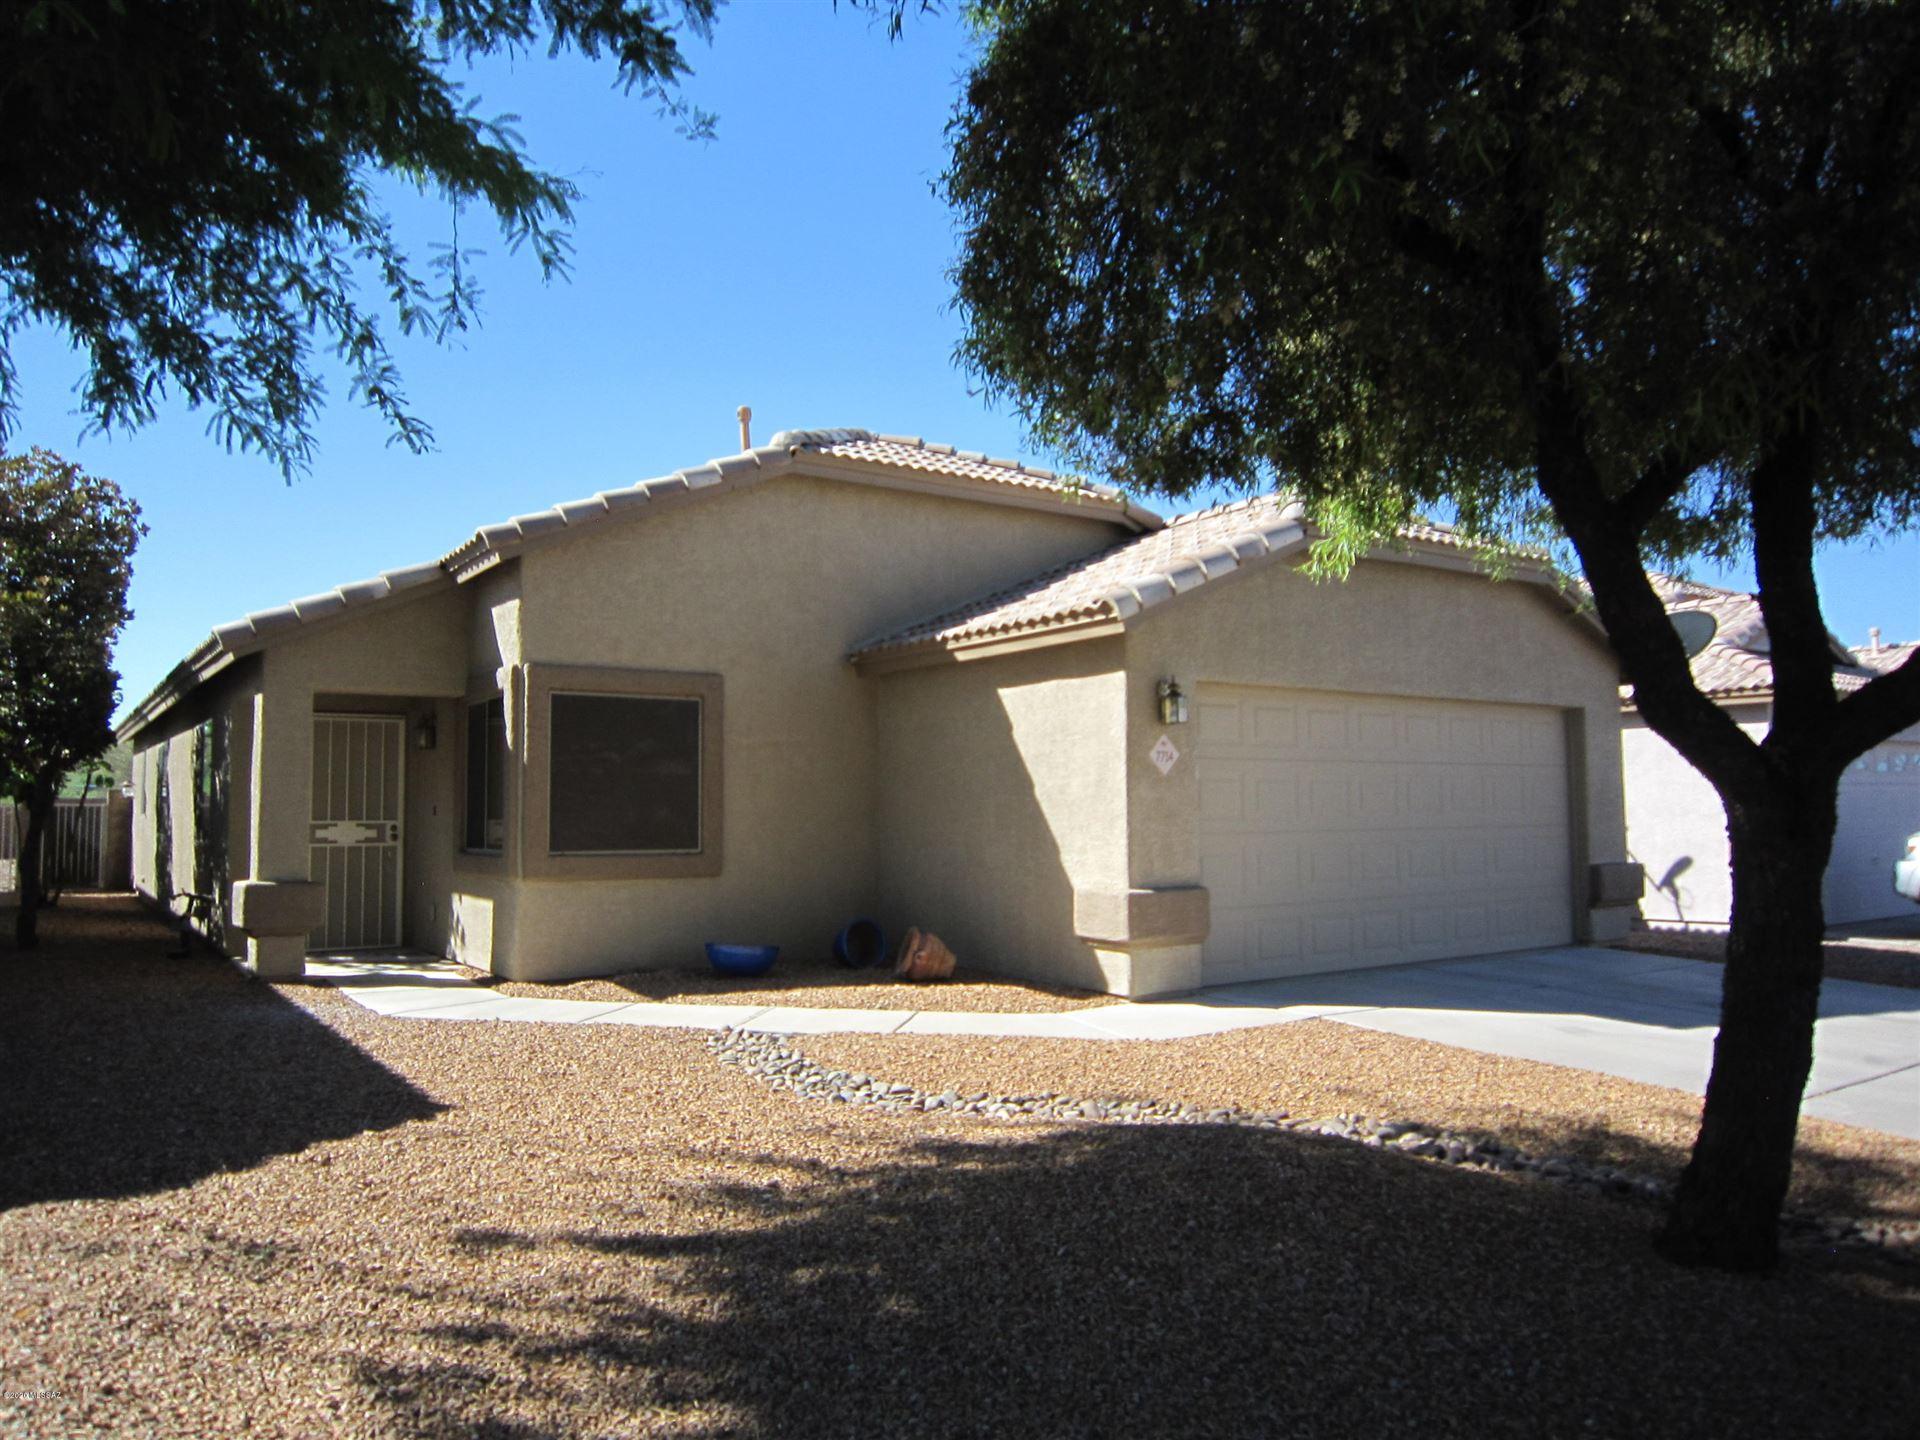 7754 N Sun Flair Drive, Tucson, AZ 85741 - #: 22015270